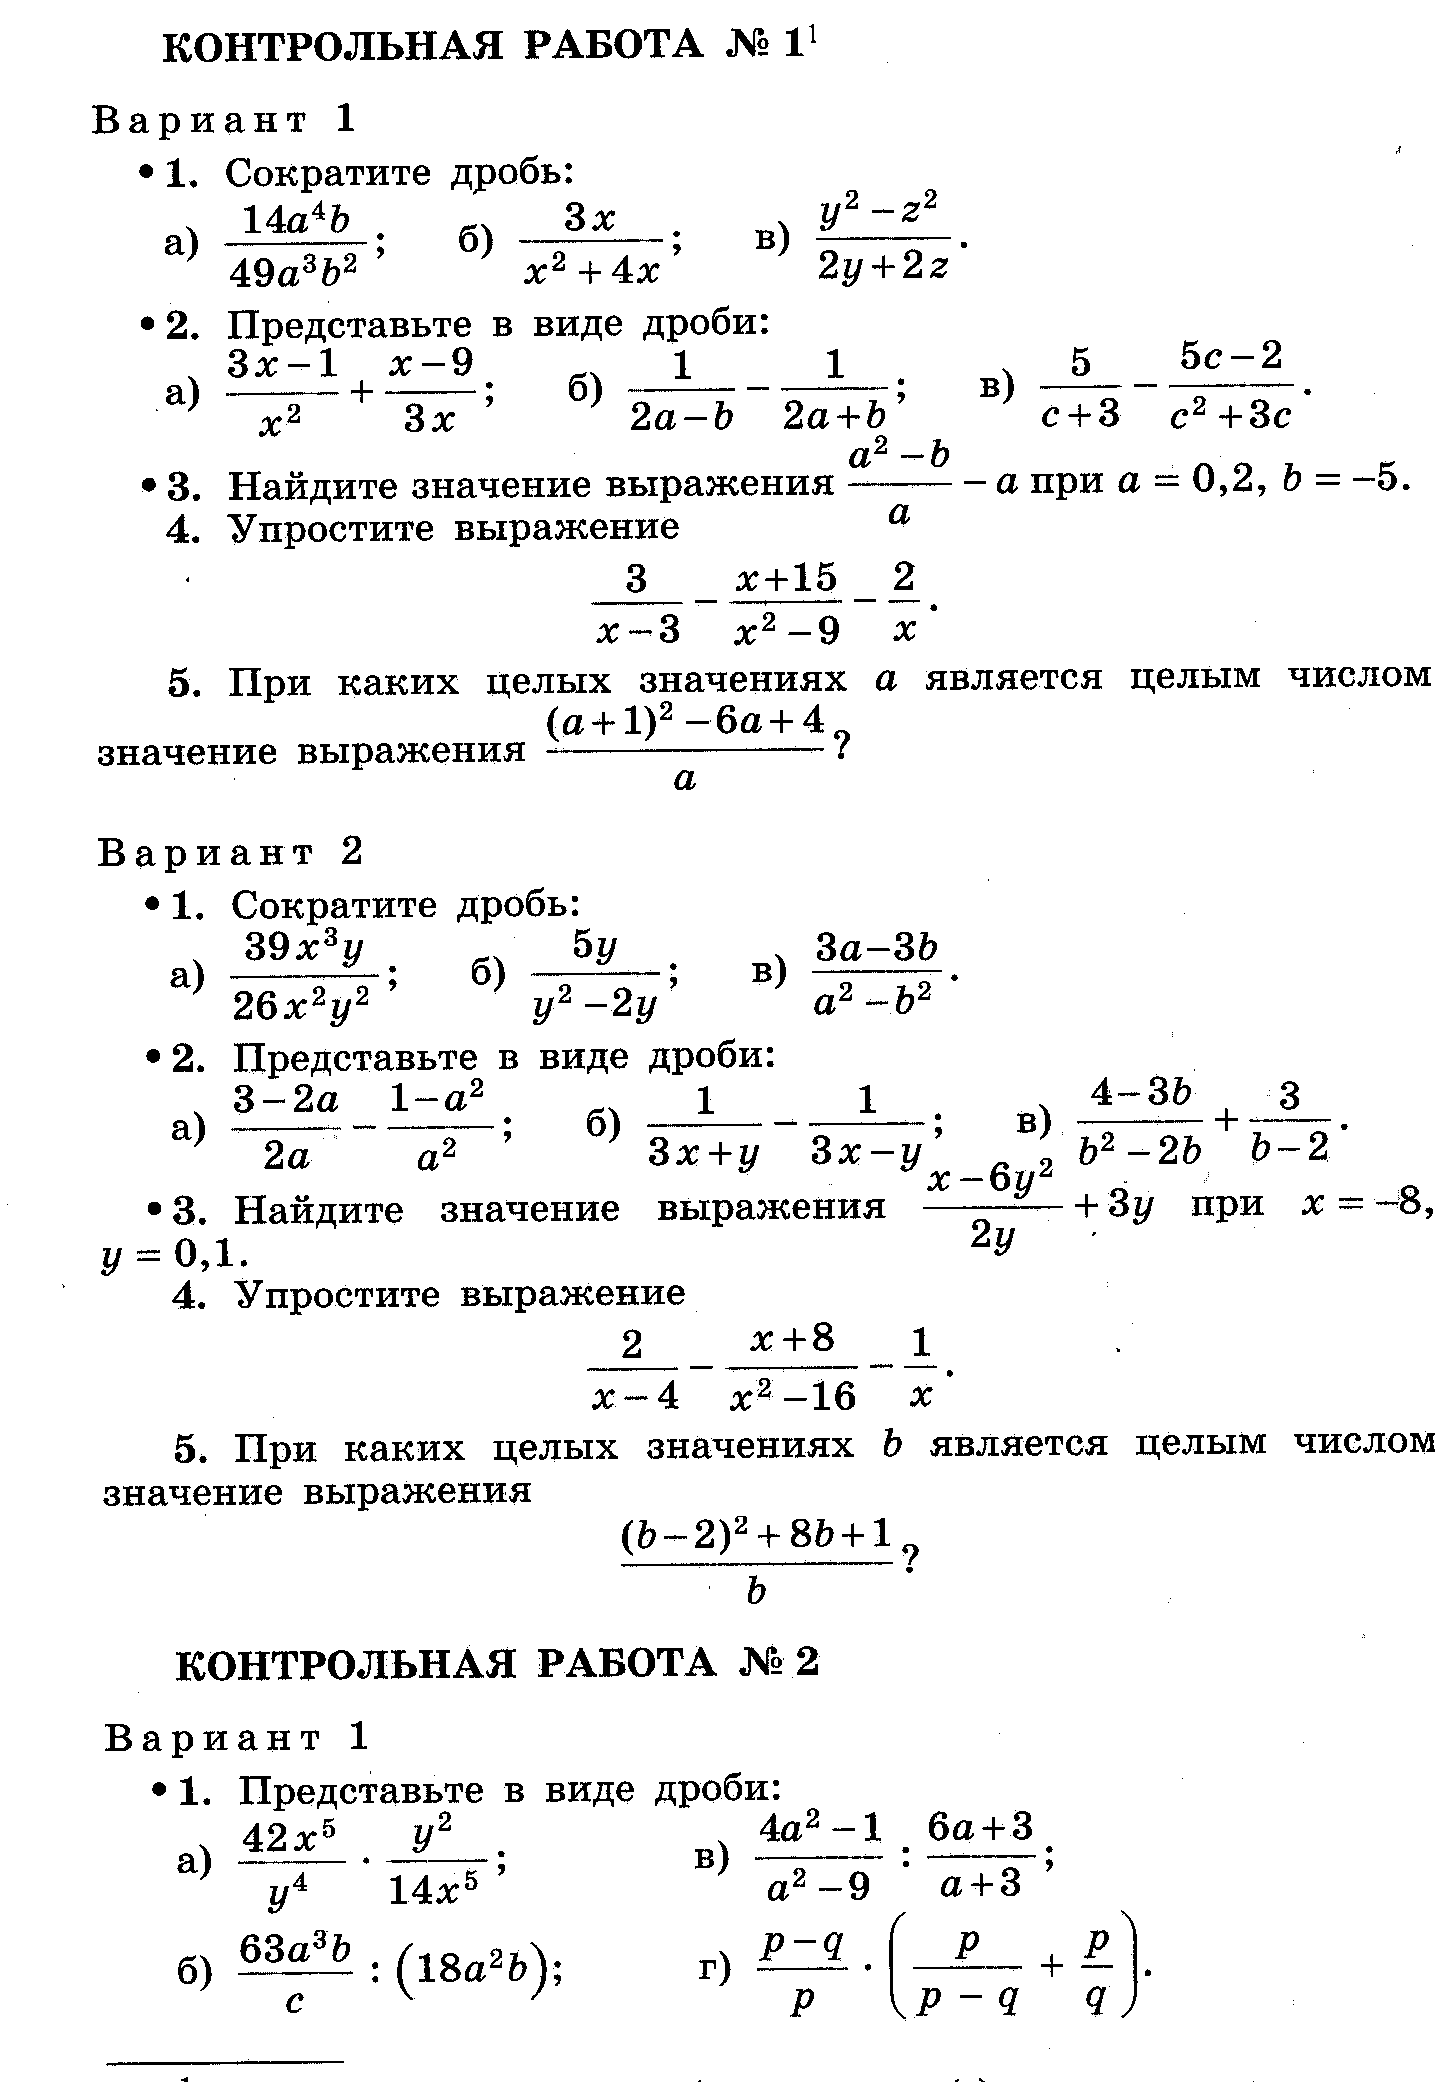 Контрольная работа в 8 классе по русскому языку онлайн скриншот форекс